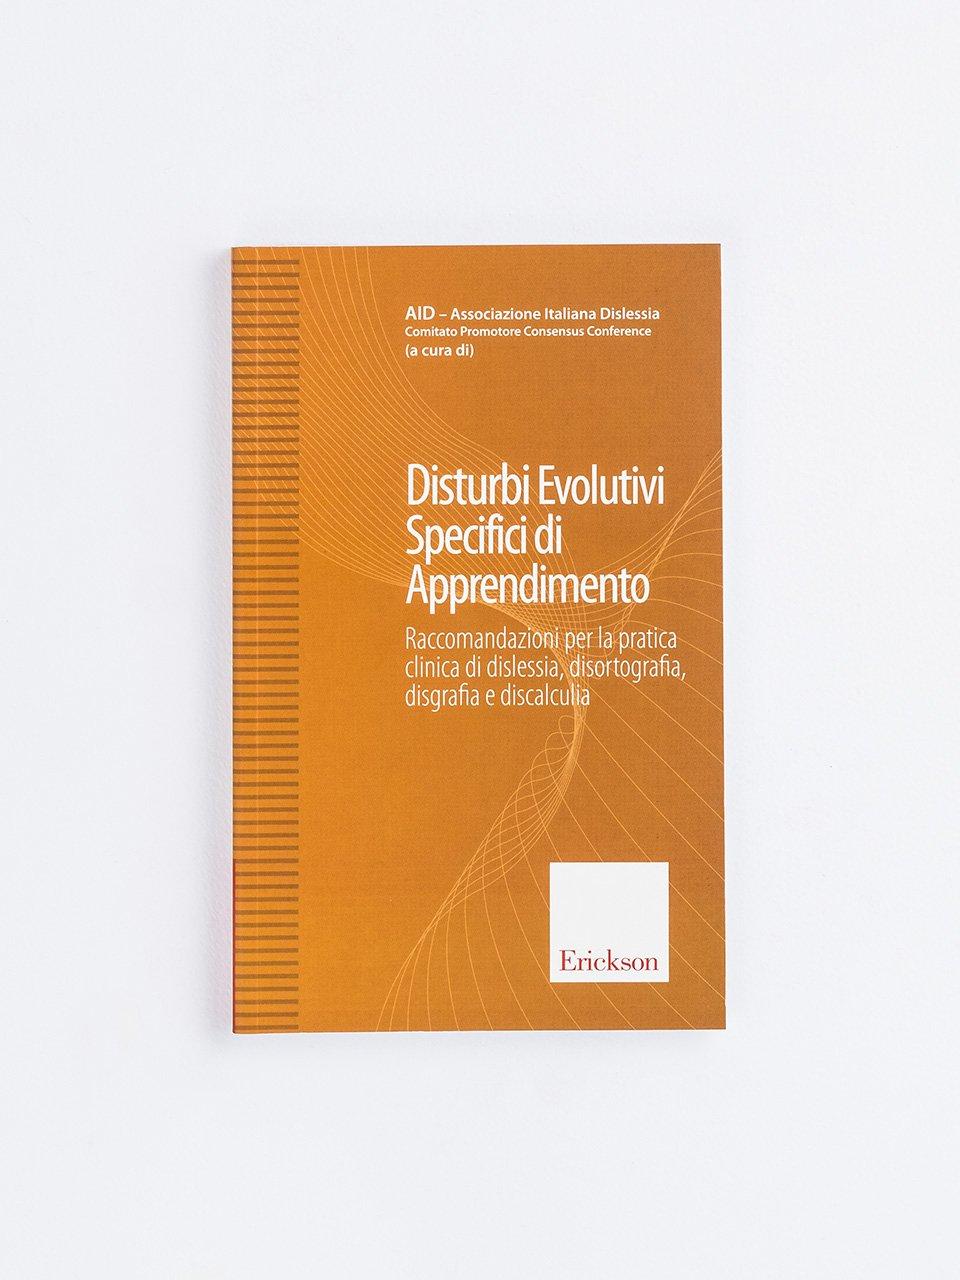 Disturbi Evolutivi Specifici di Apprendimento - ePRO - App e software - Erickson